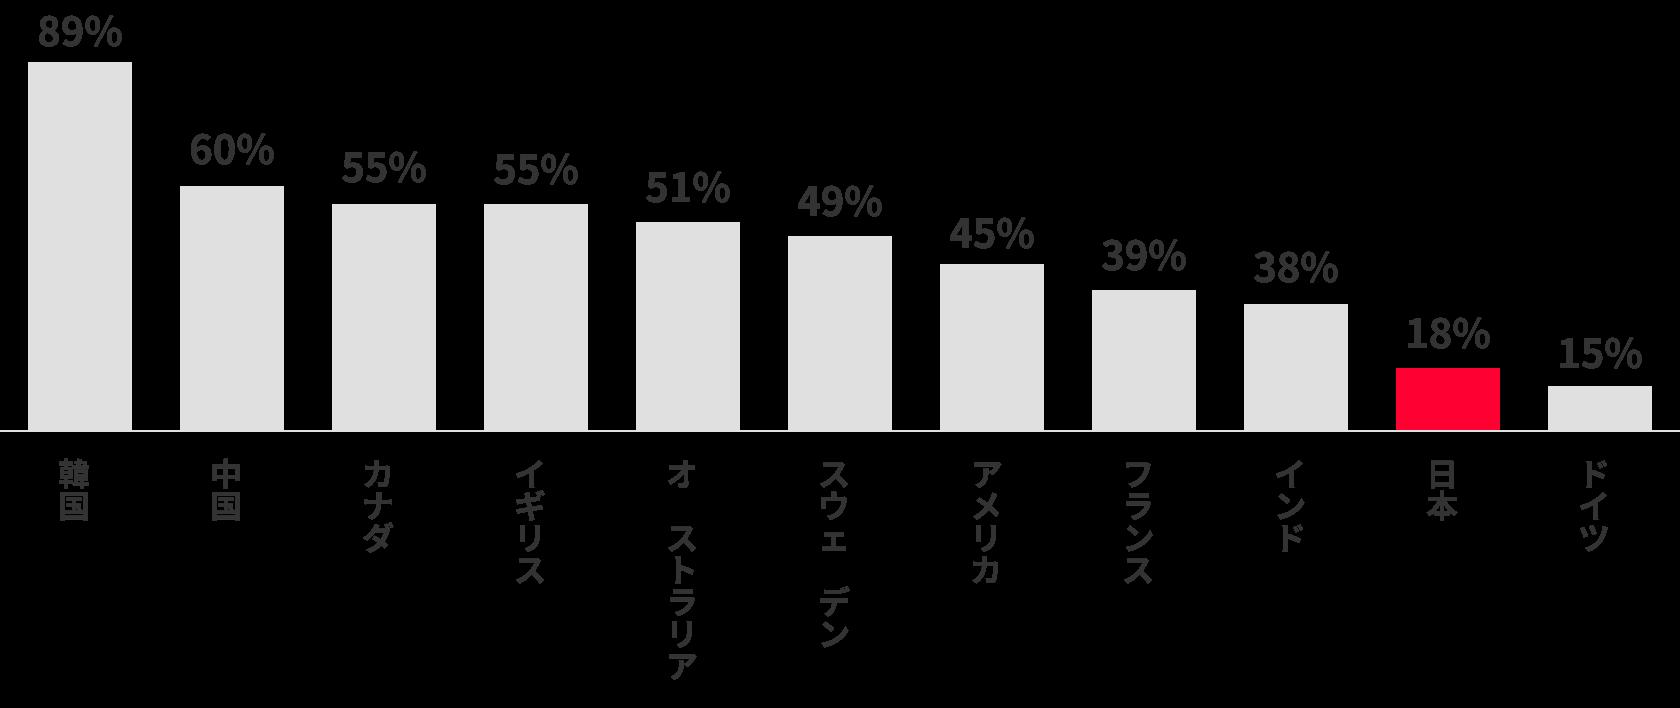 世界の各国のキャッシュレス比率比(2015年)